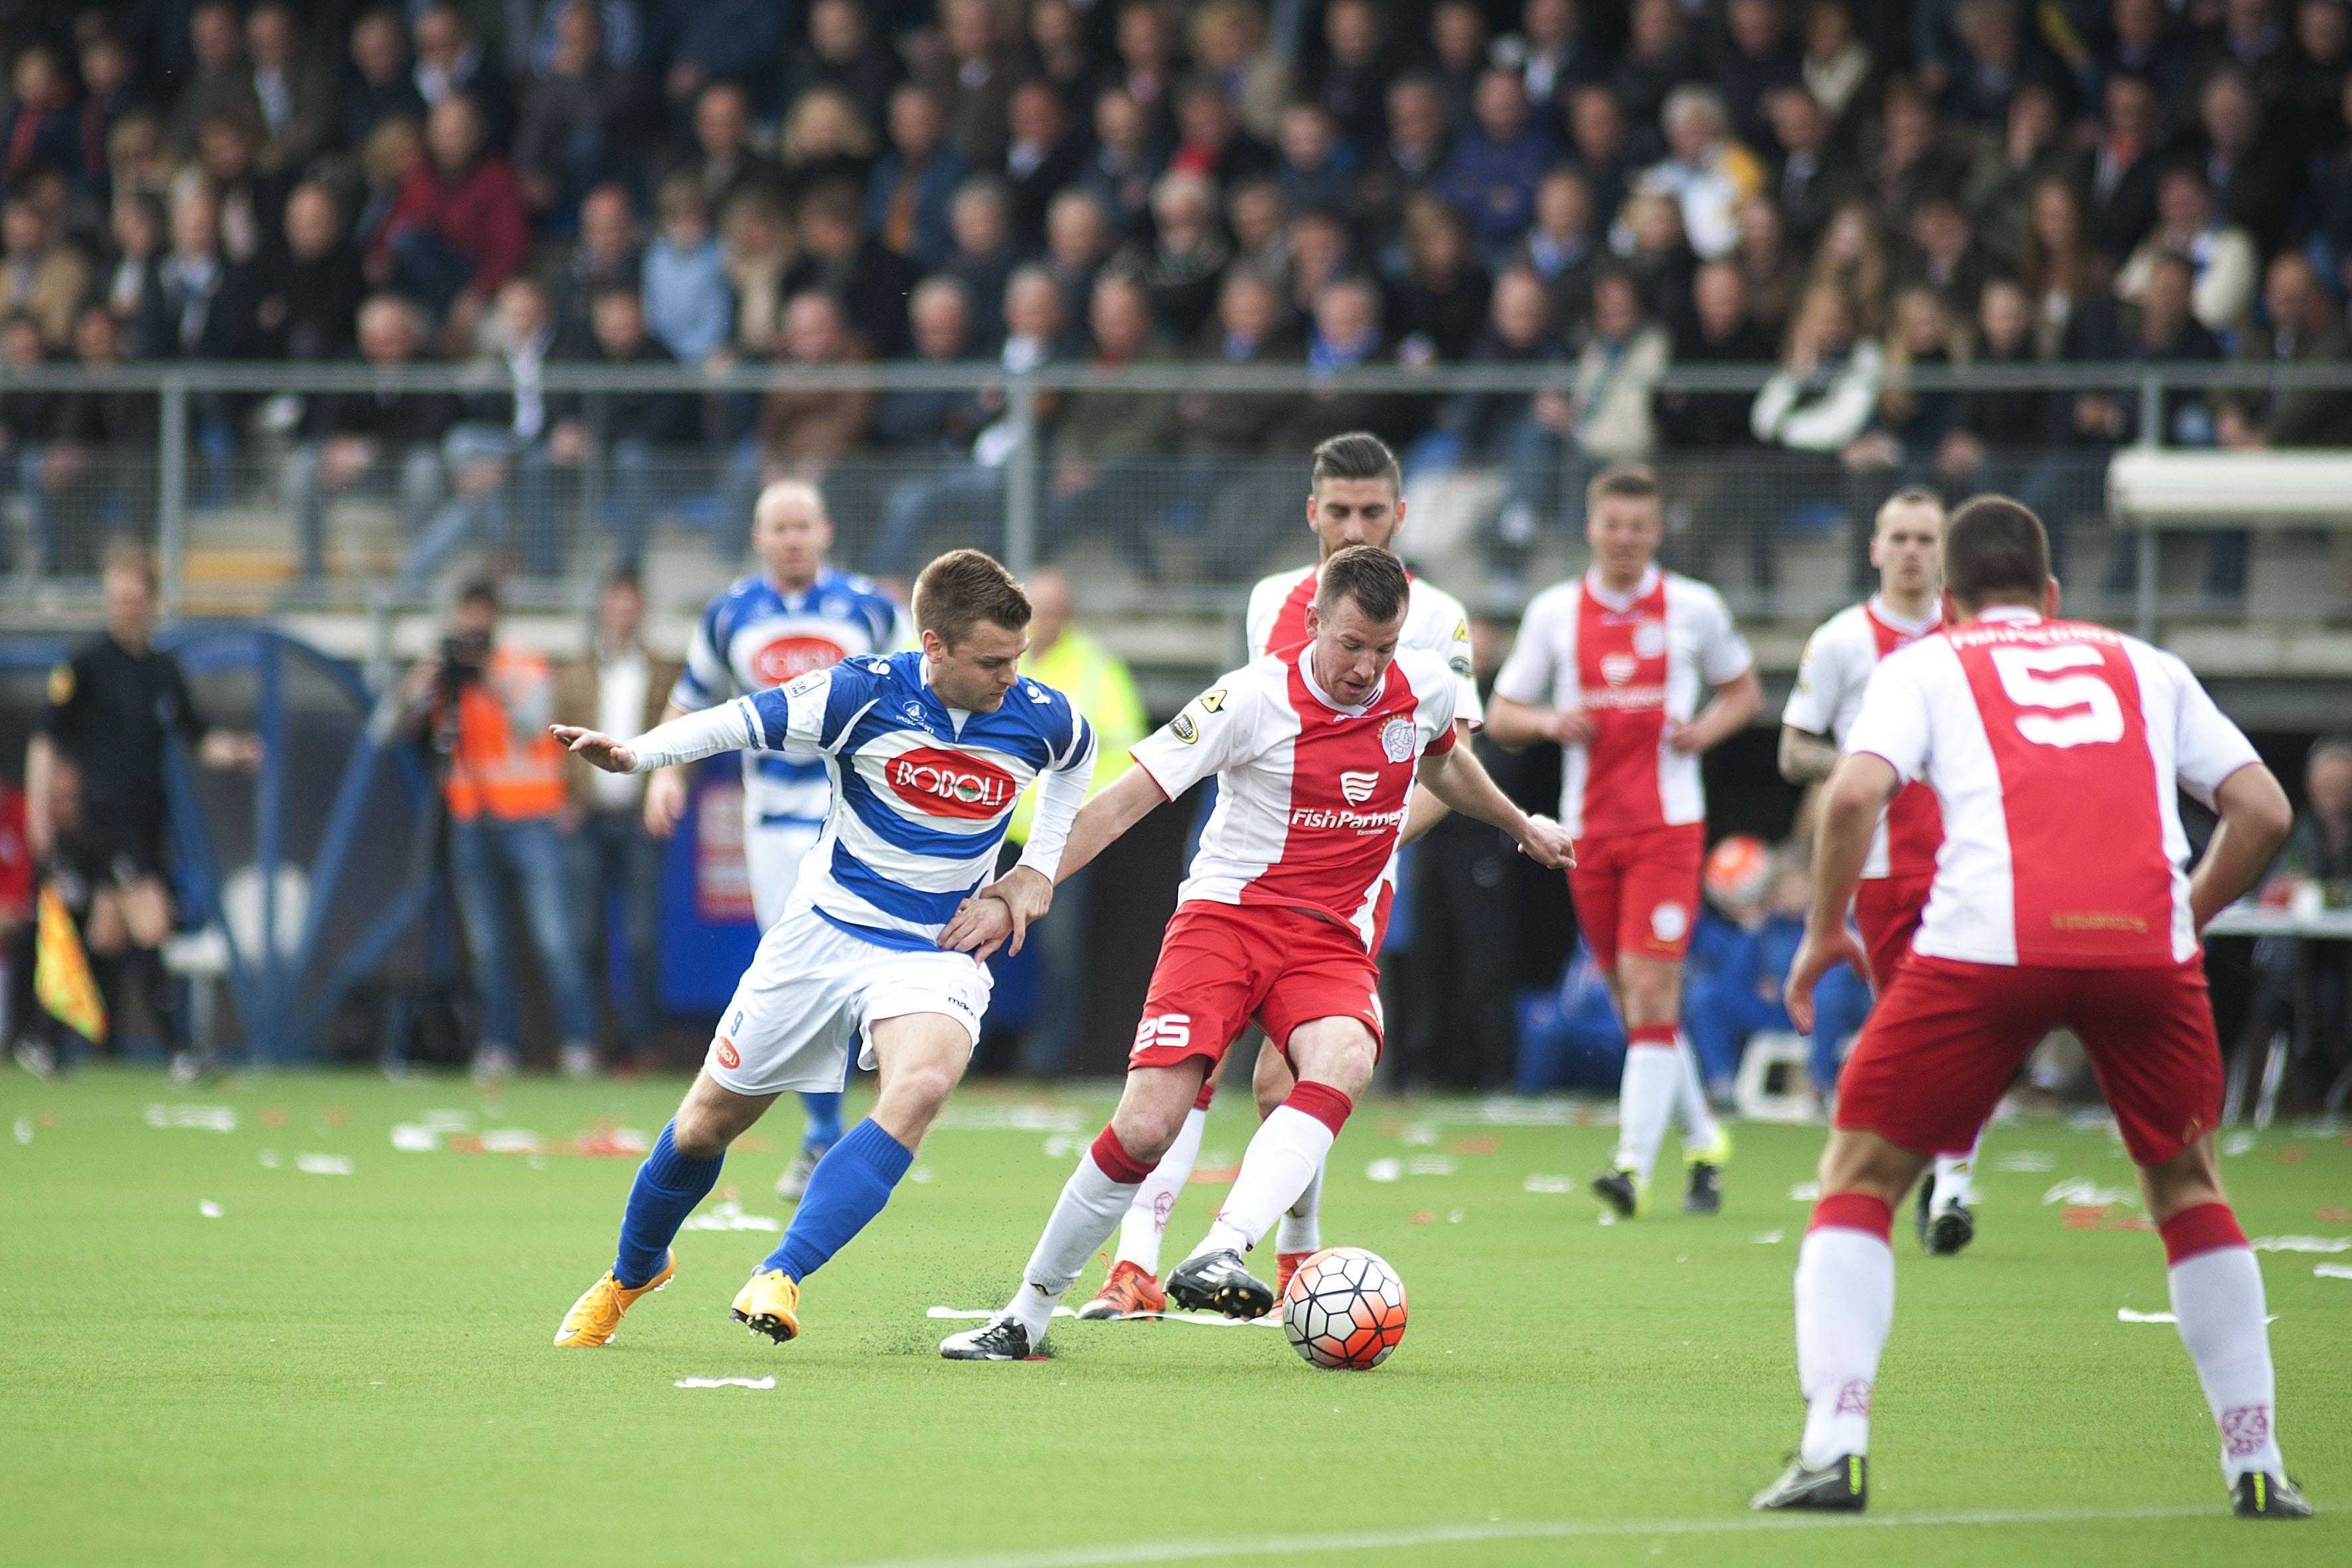 Voormalig IJsselmeervogels-captain Dennis Hollart (37) komt terug van voetbalpensioen en sluit aan bij Eemdijk: 'Als ik een bal zie, wil ik er tegenaan schoppen'